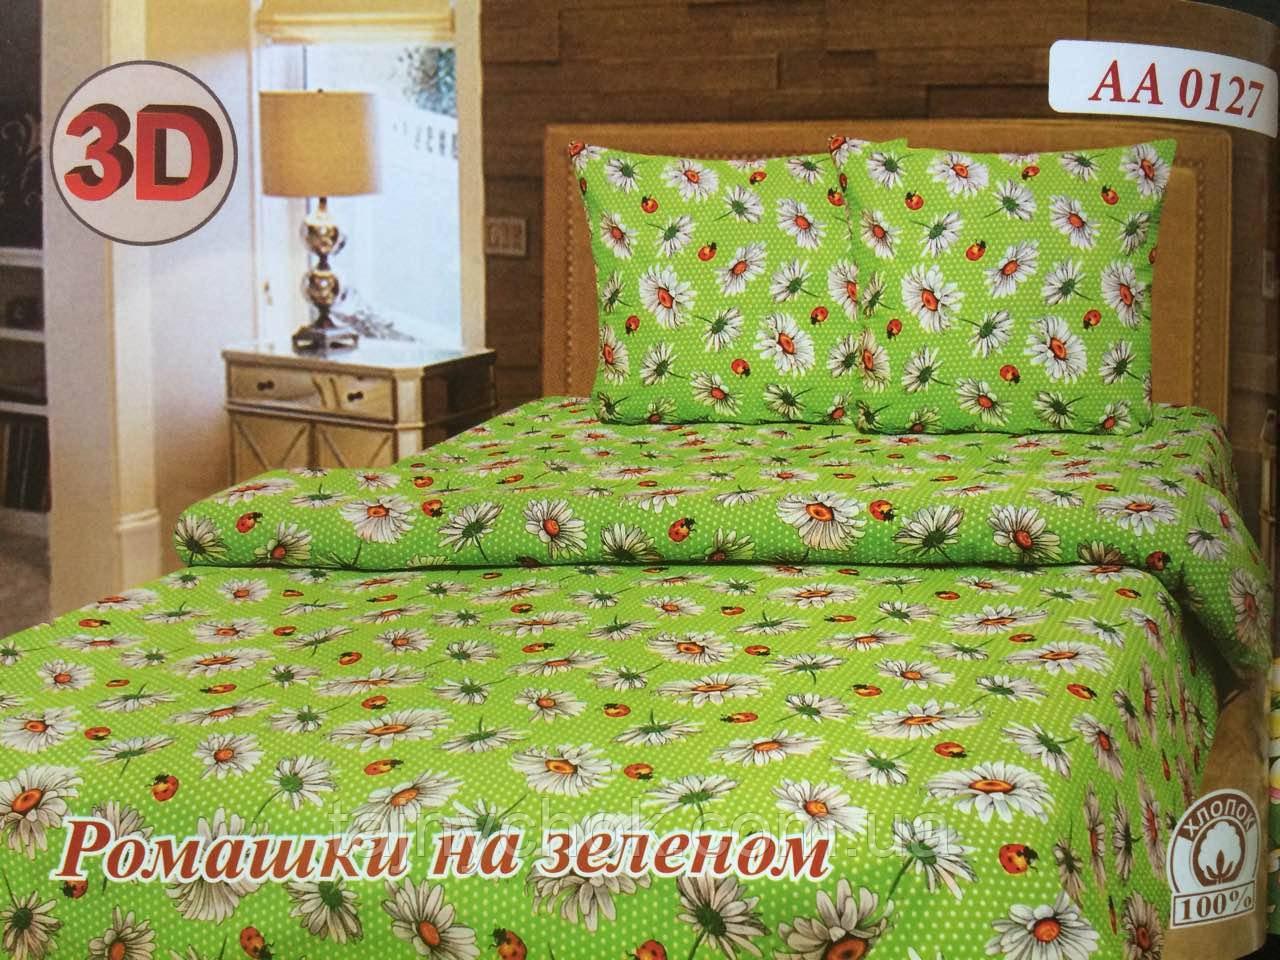 Постельное белье Ромашки на зеленом